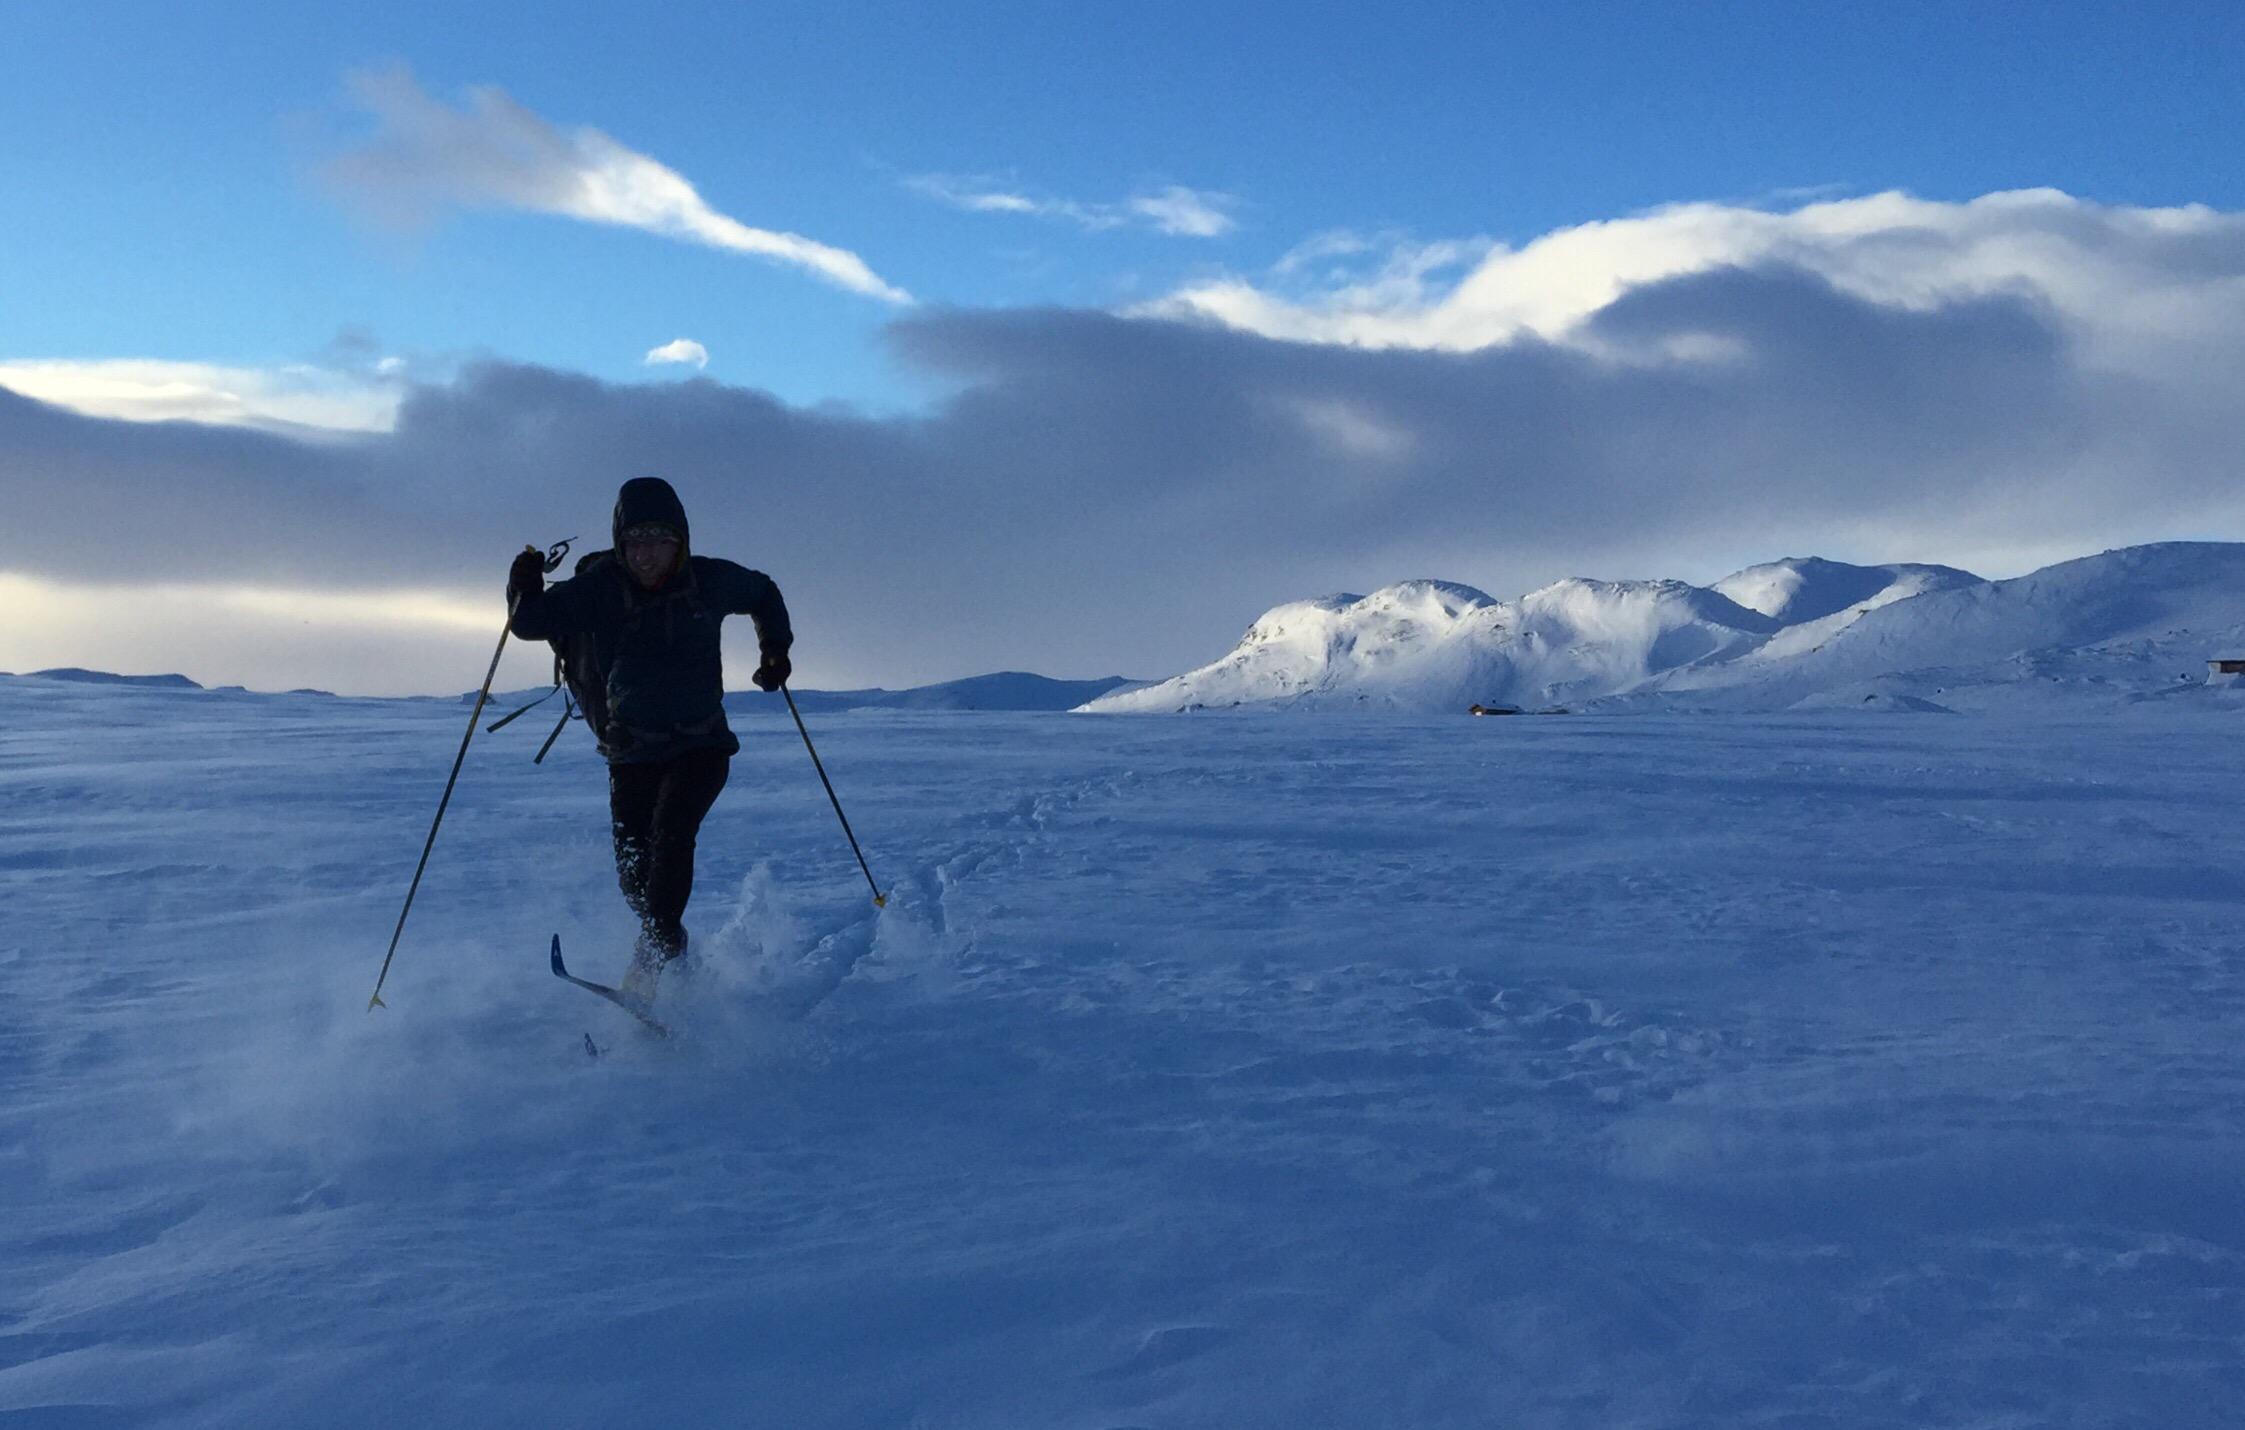 Patinando en la nieve - 2245x1430